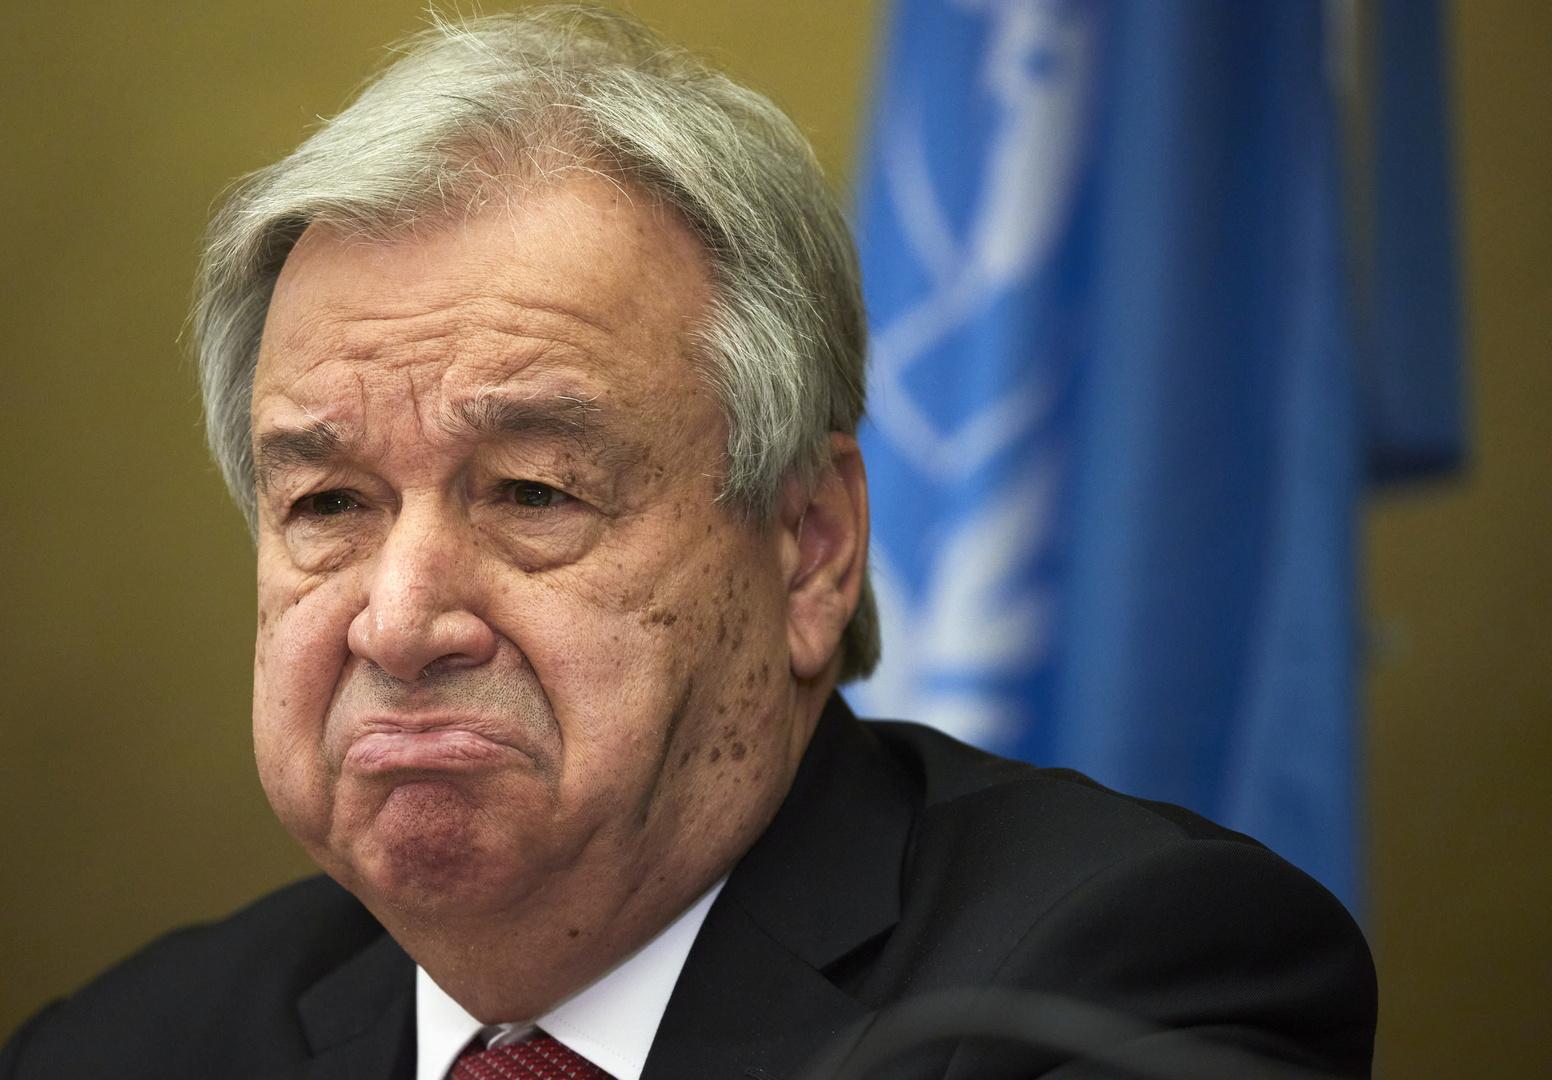 غوتيريش يؤكد عدم إحراز تقدم كاف في محادثات جنيف بشأن التسوية القبرصية